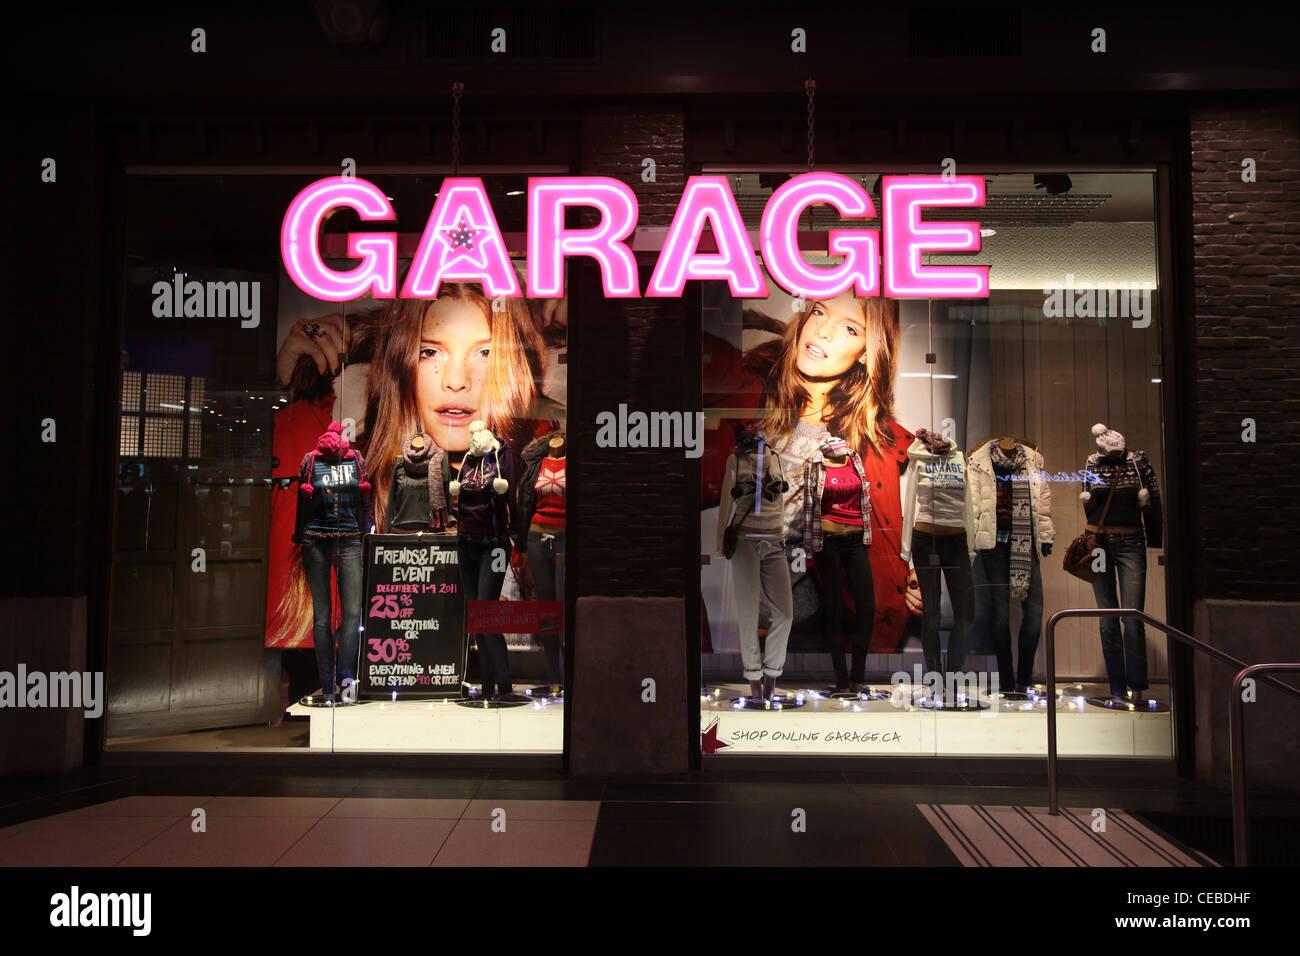 Magasin De Vêtements Garage Dans Le Centre Eaton De Toronto Canada